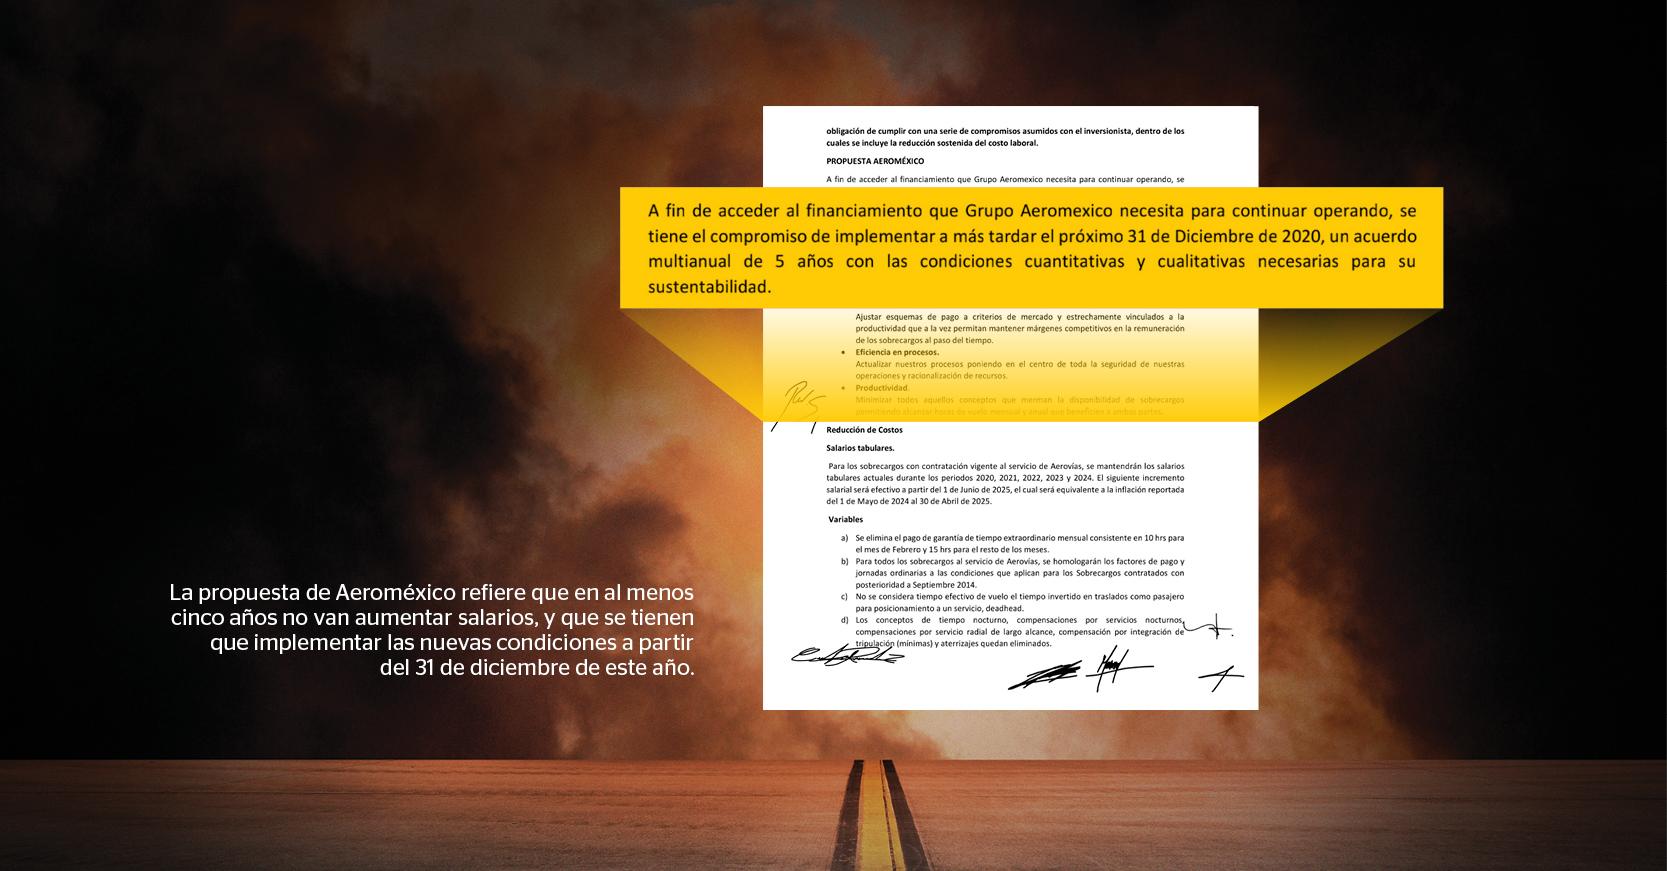 La propuesta de Aeroméxico refiere que en al menos cinco años no van aumentar salarios, y que se tienen que implementar las nuevas condiciones a partir del 31 de diciembre de este año